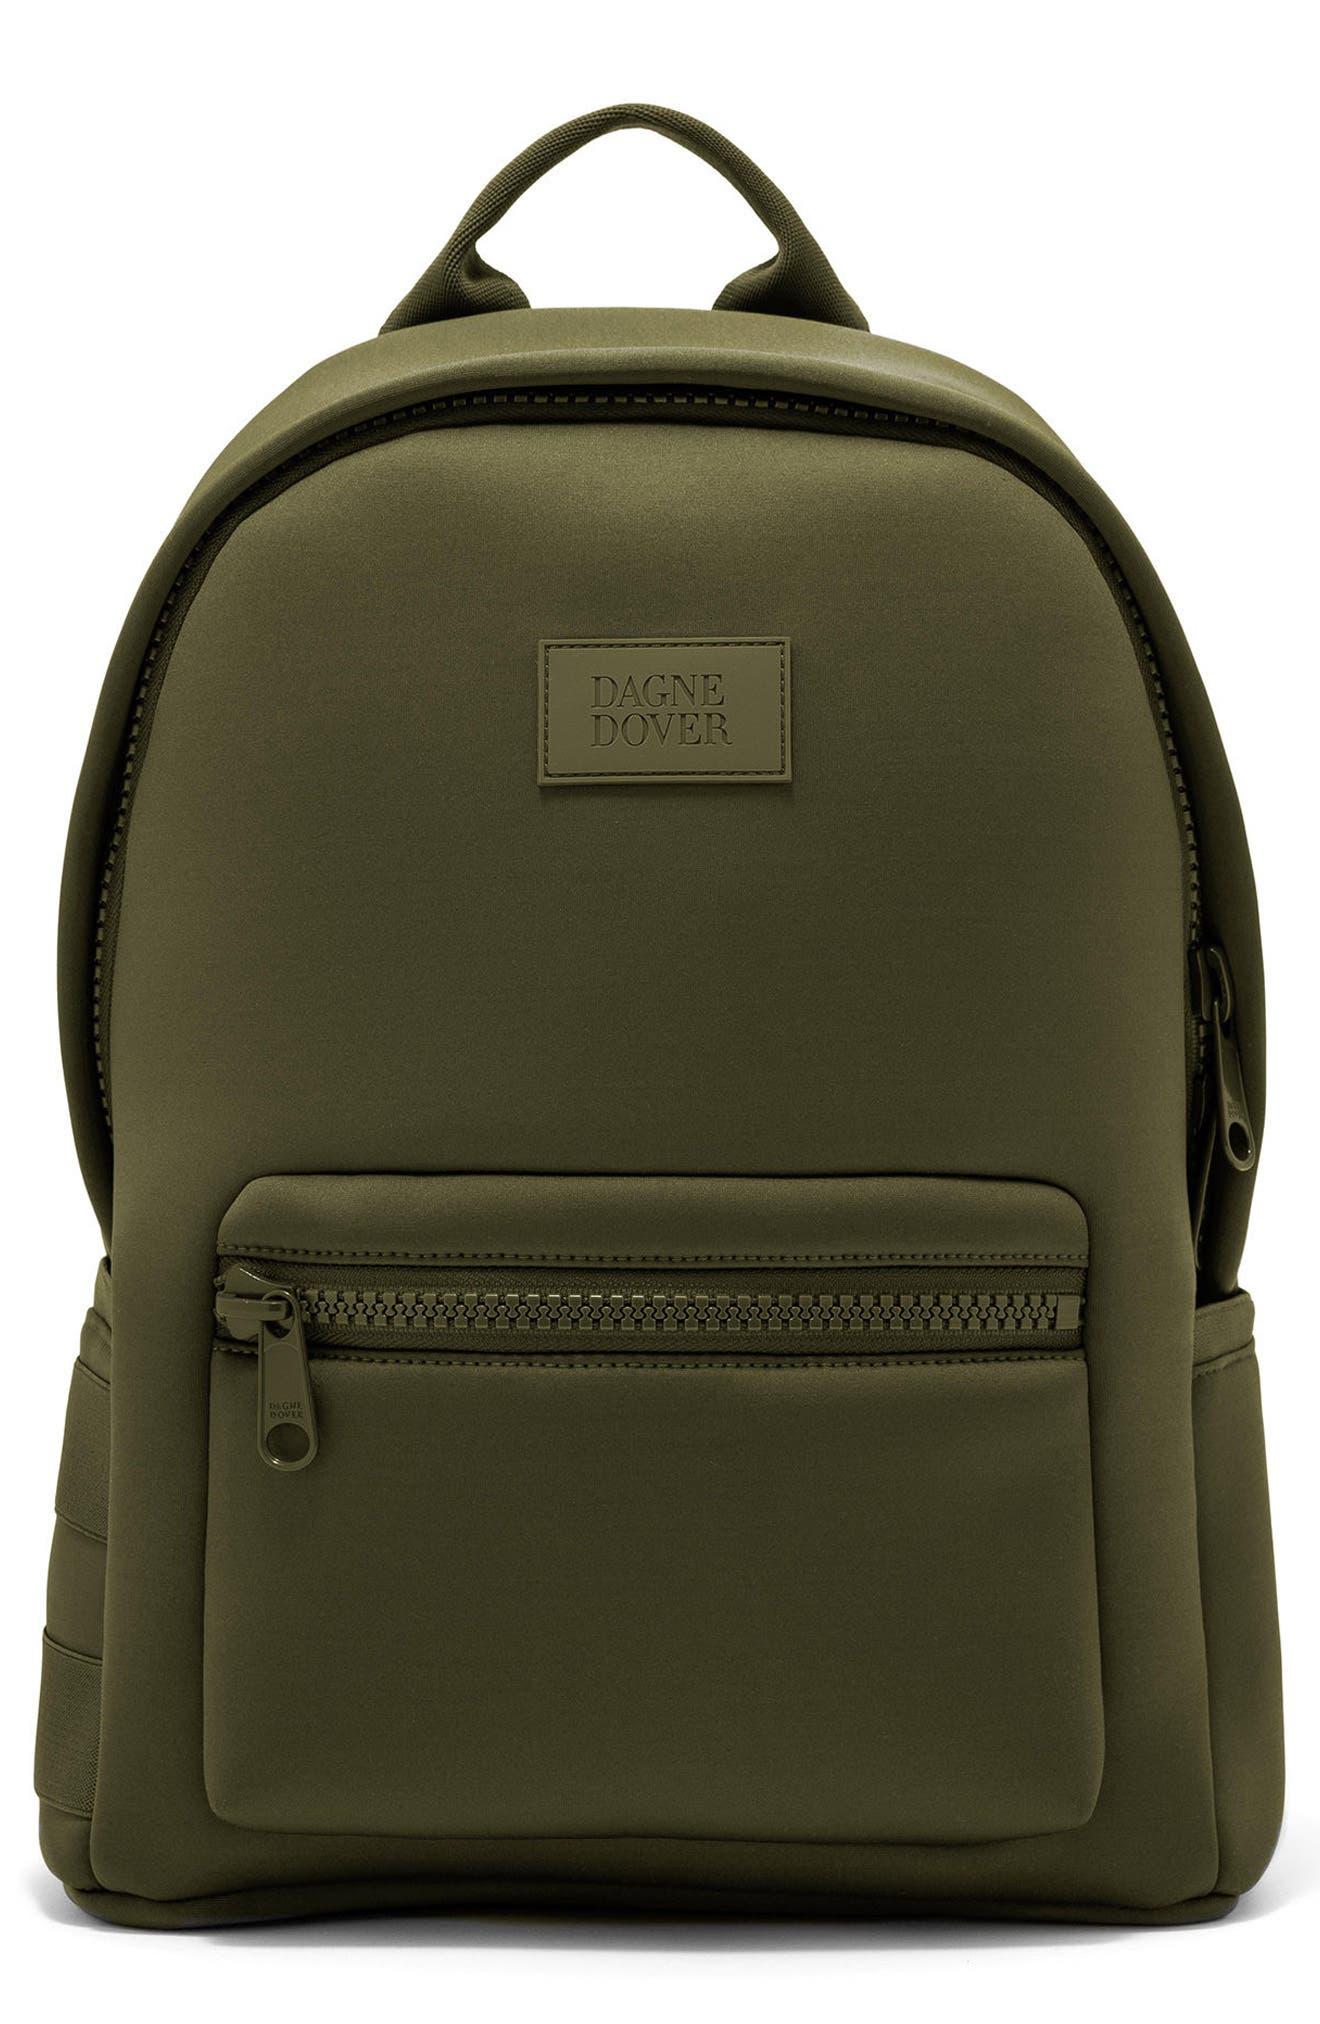 365 Dakota Neoprene Backpack,                             Main thumbnail 1, color,                             Dark Moss